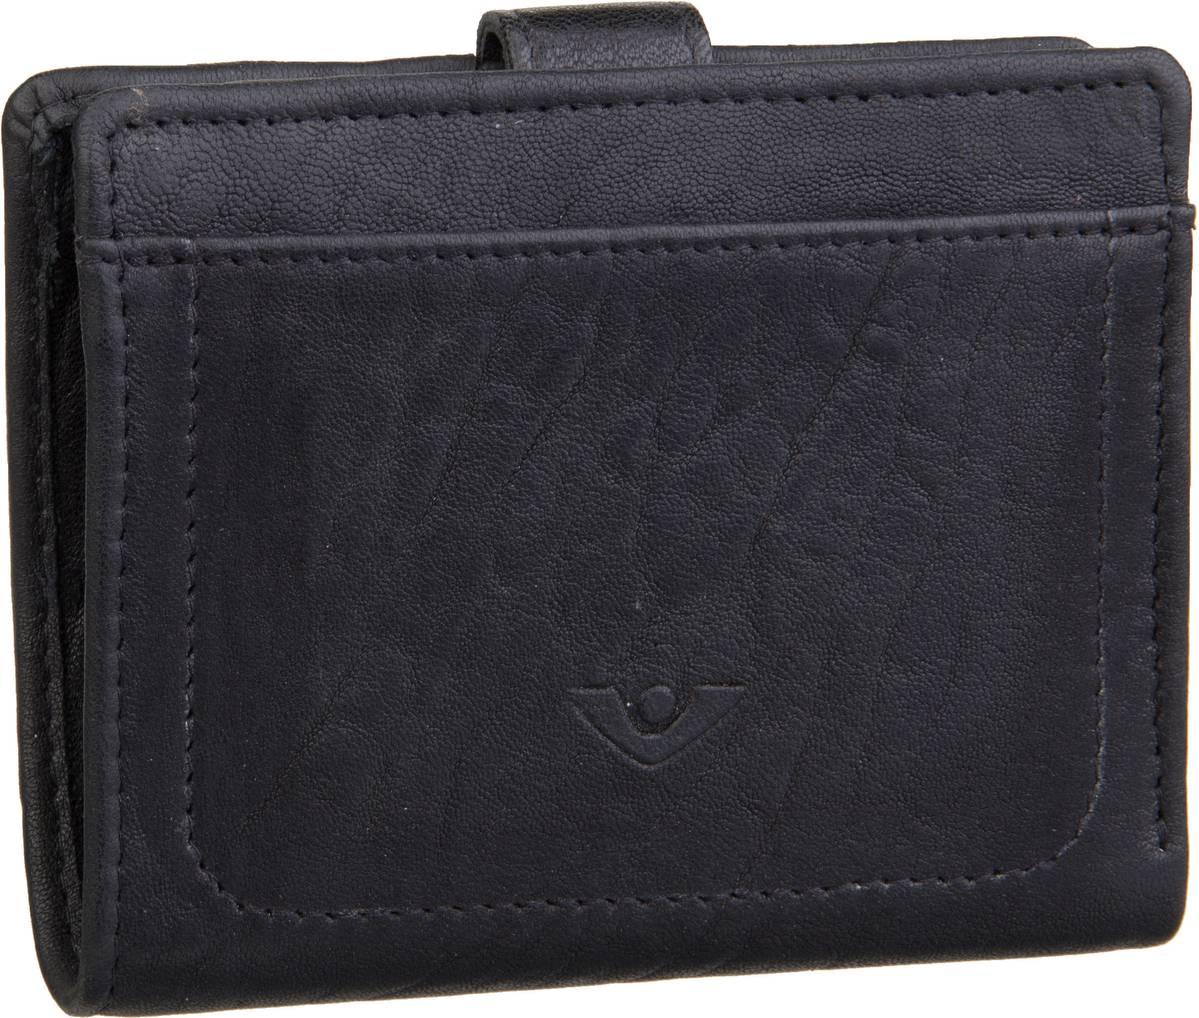 Geldboersen für Frauen - Voi Geldbörse New Zealand 70815 Kombibörse Schwarz  - Onlineshop Taschenkaufhaus